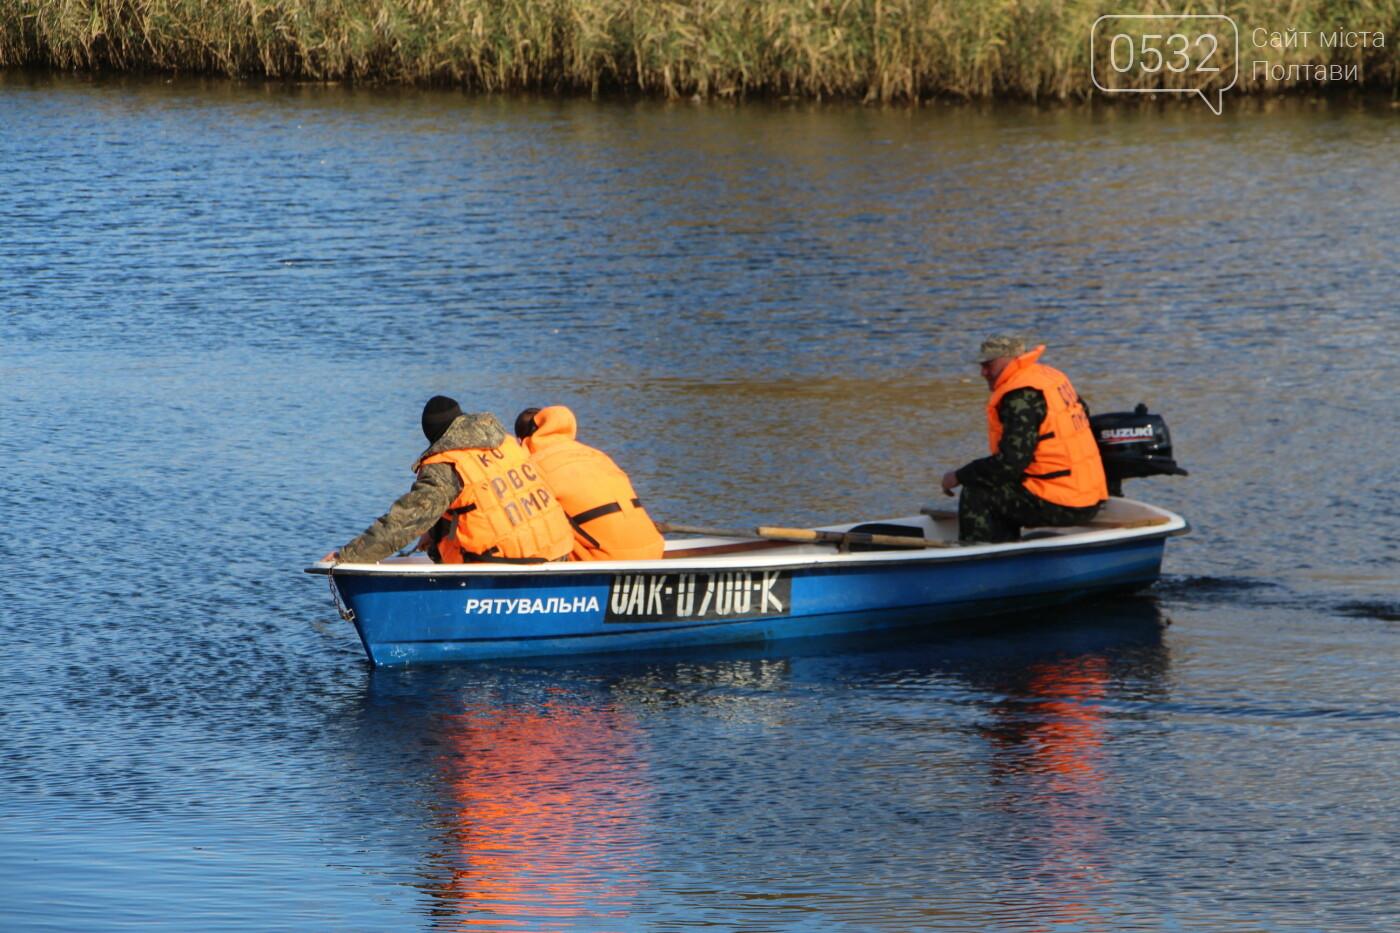 У Полтаві рятувальники витягли із води рибалок, що перекинулися на човні (ФОТО, ВІДЕО), фото-1